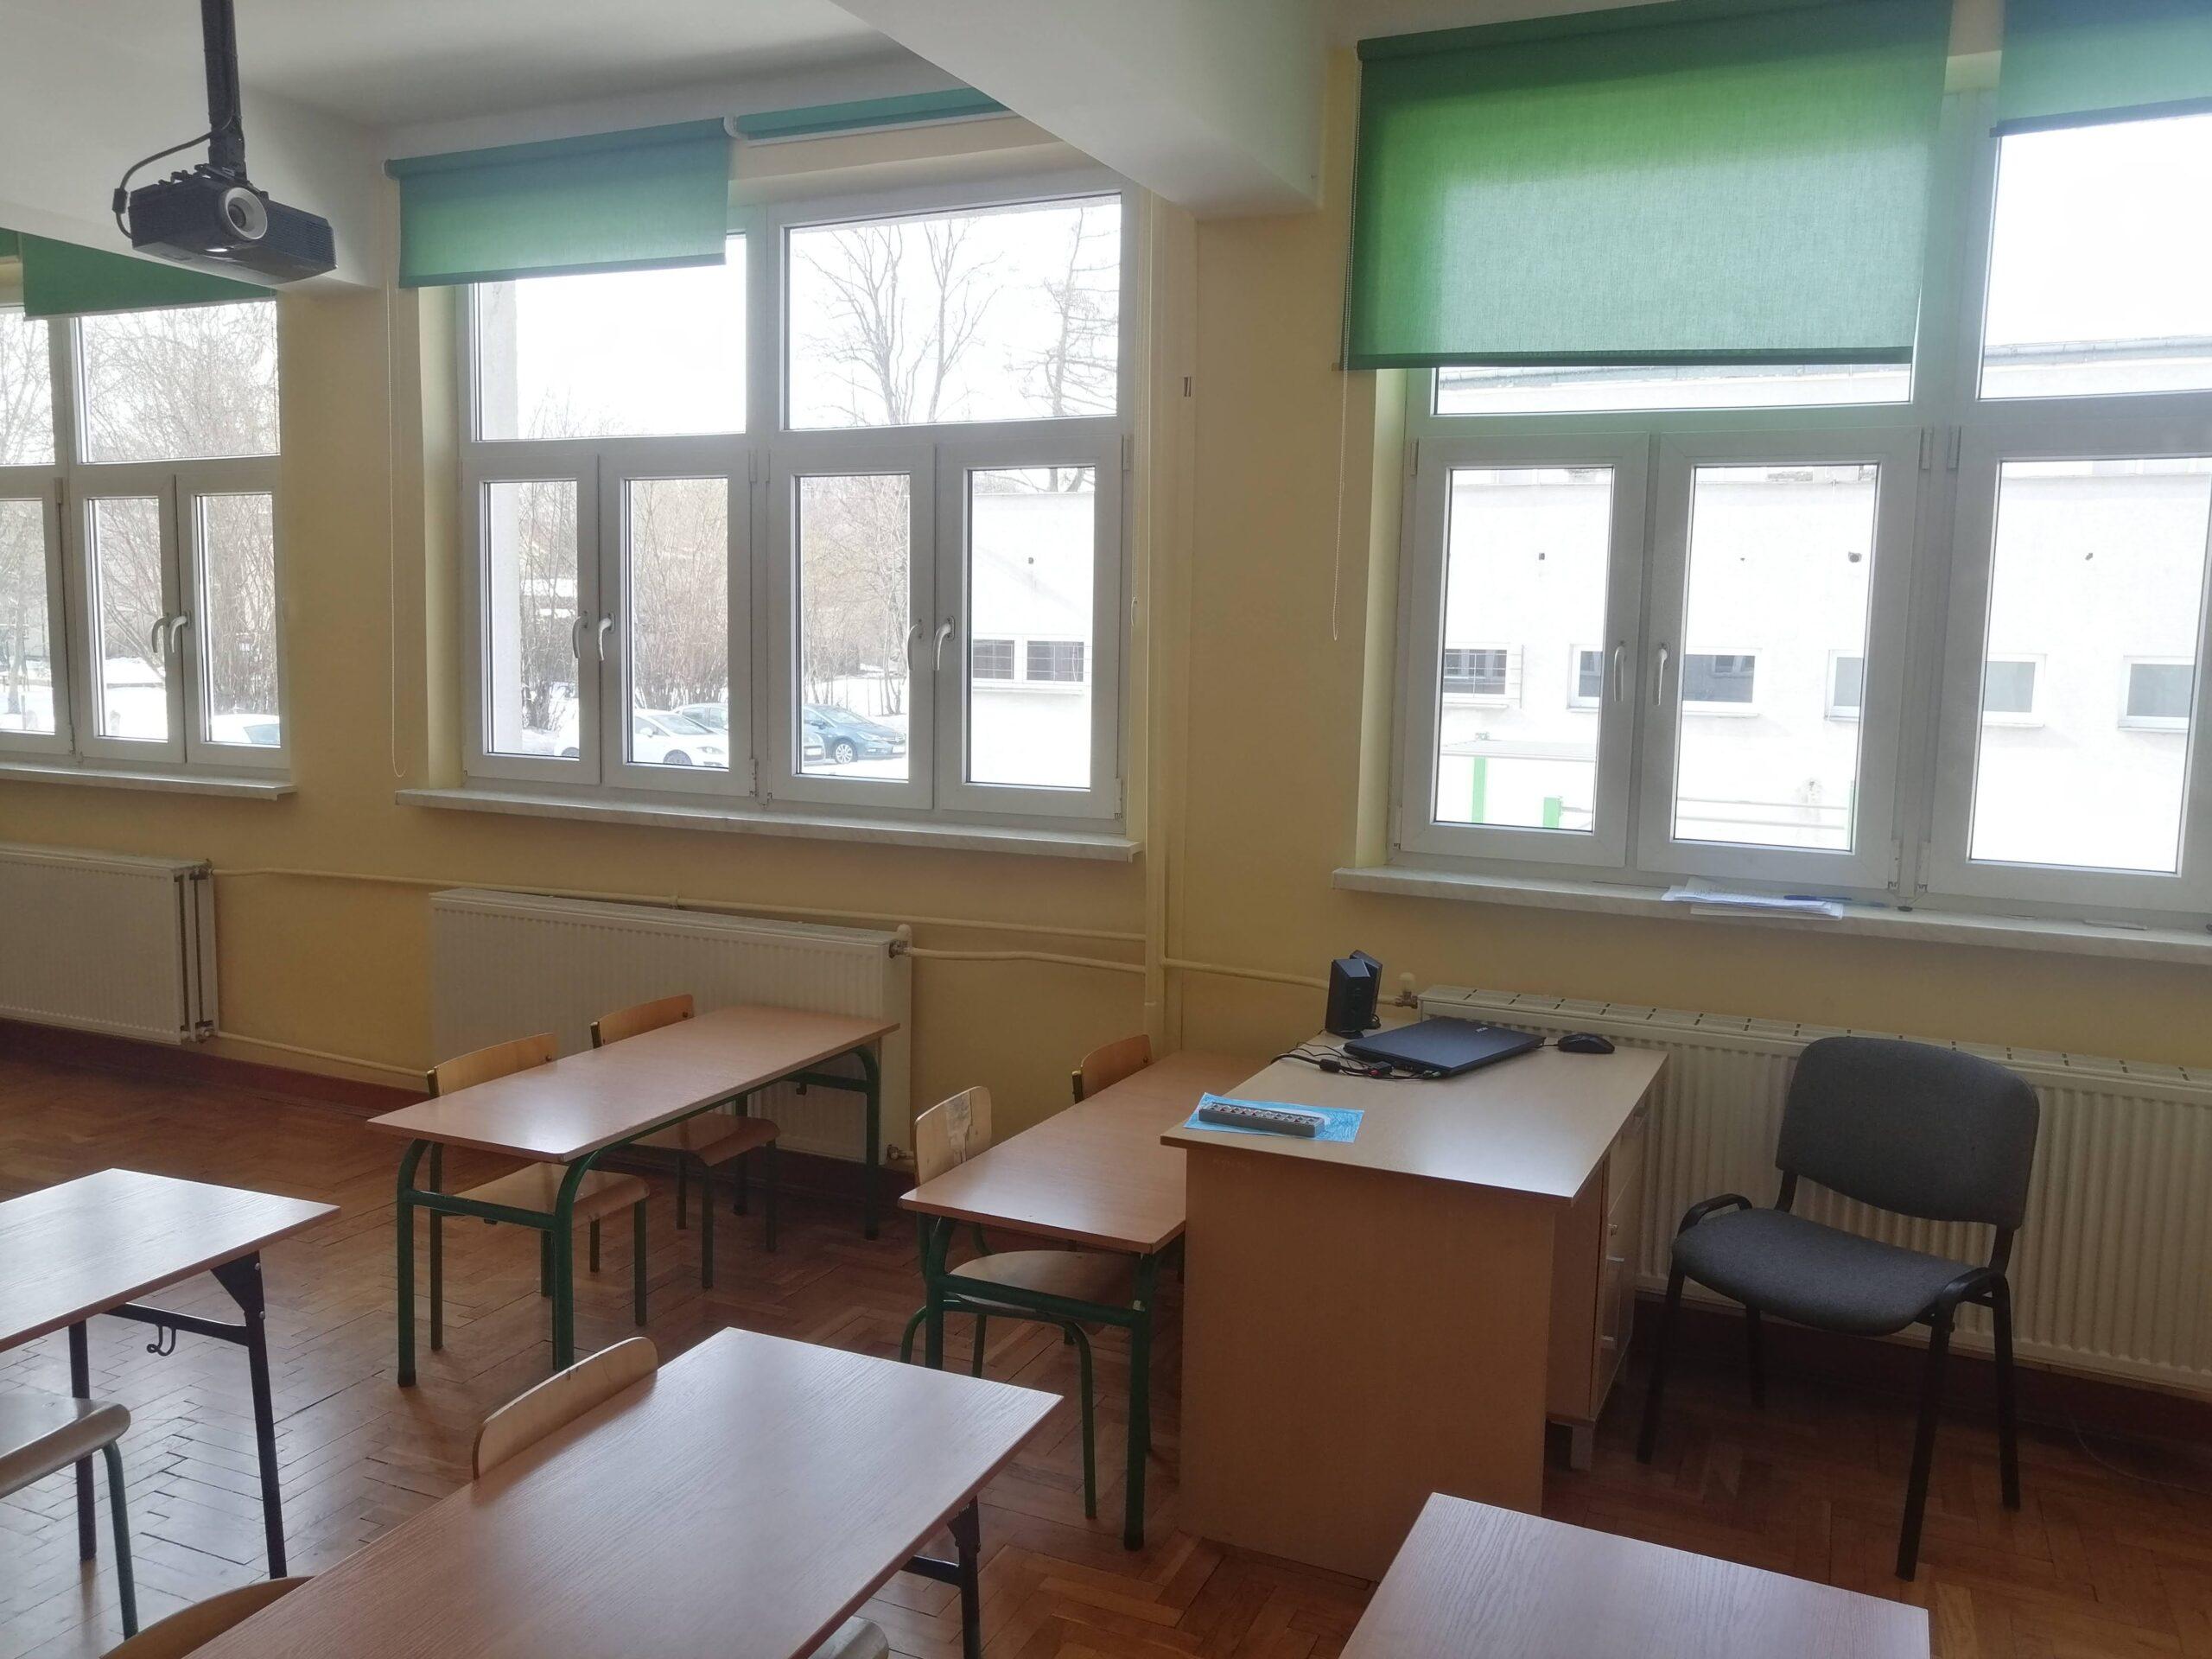 klasa szkolna z dużymi oknami